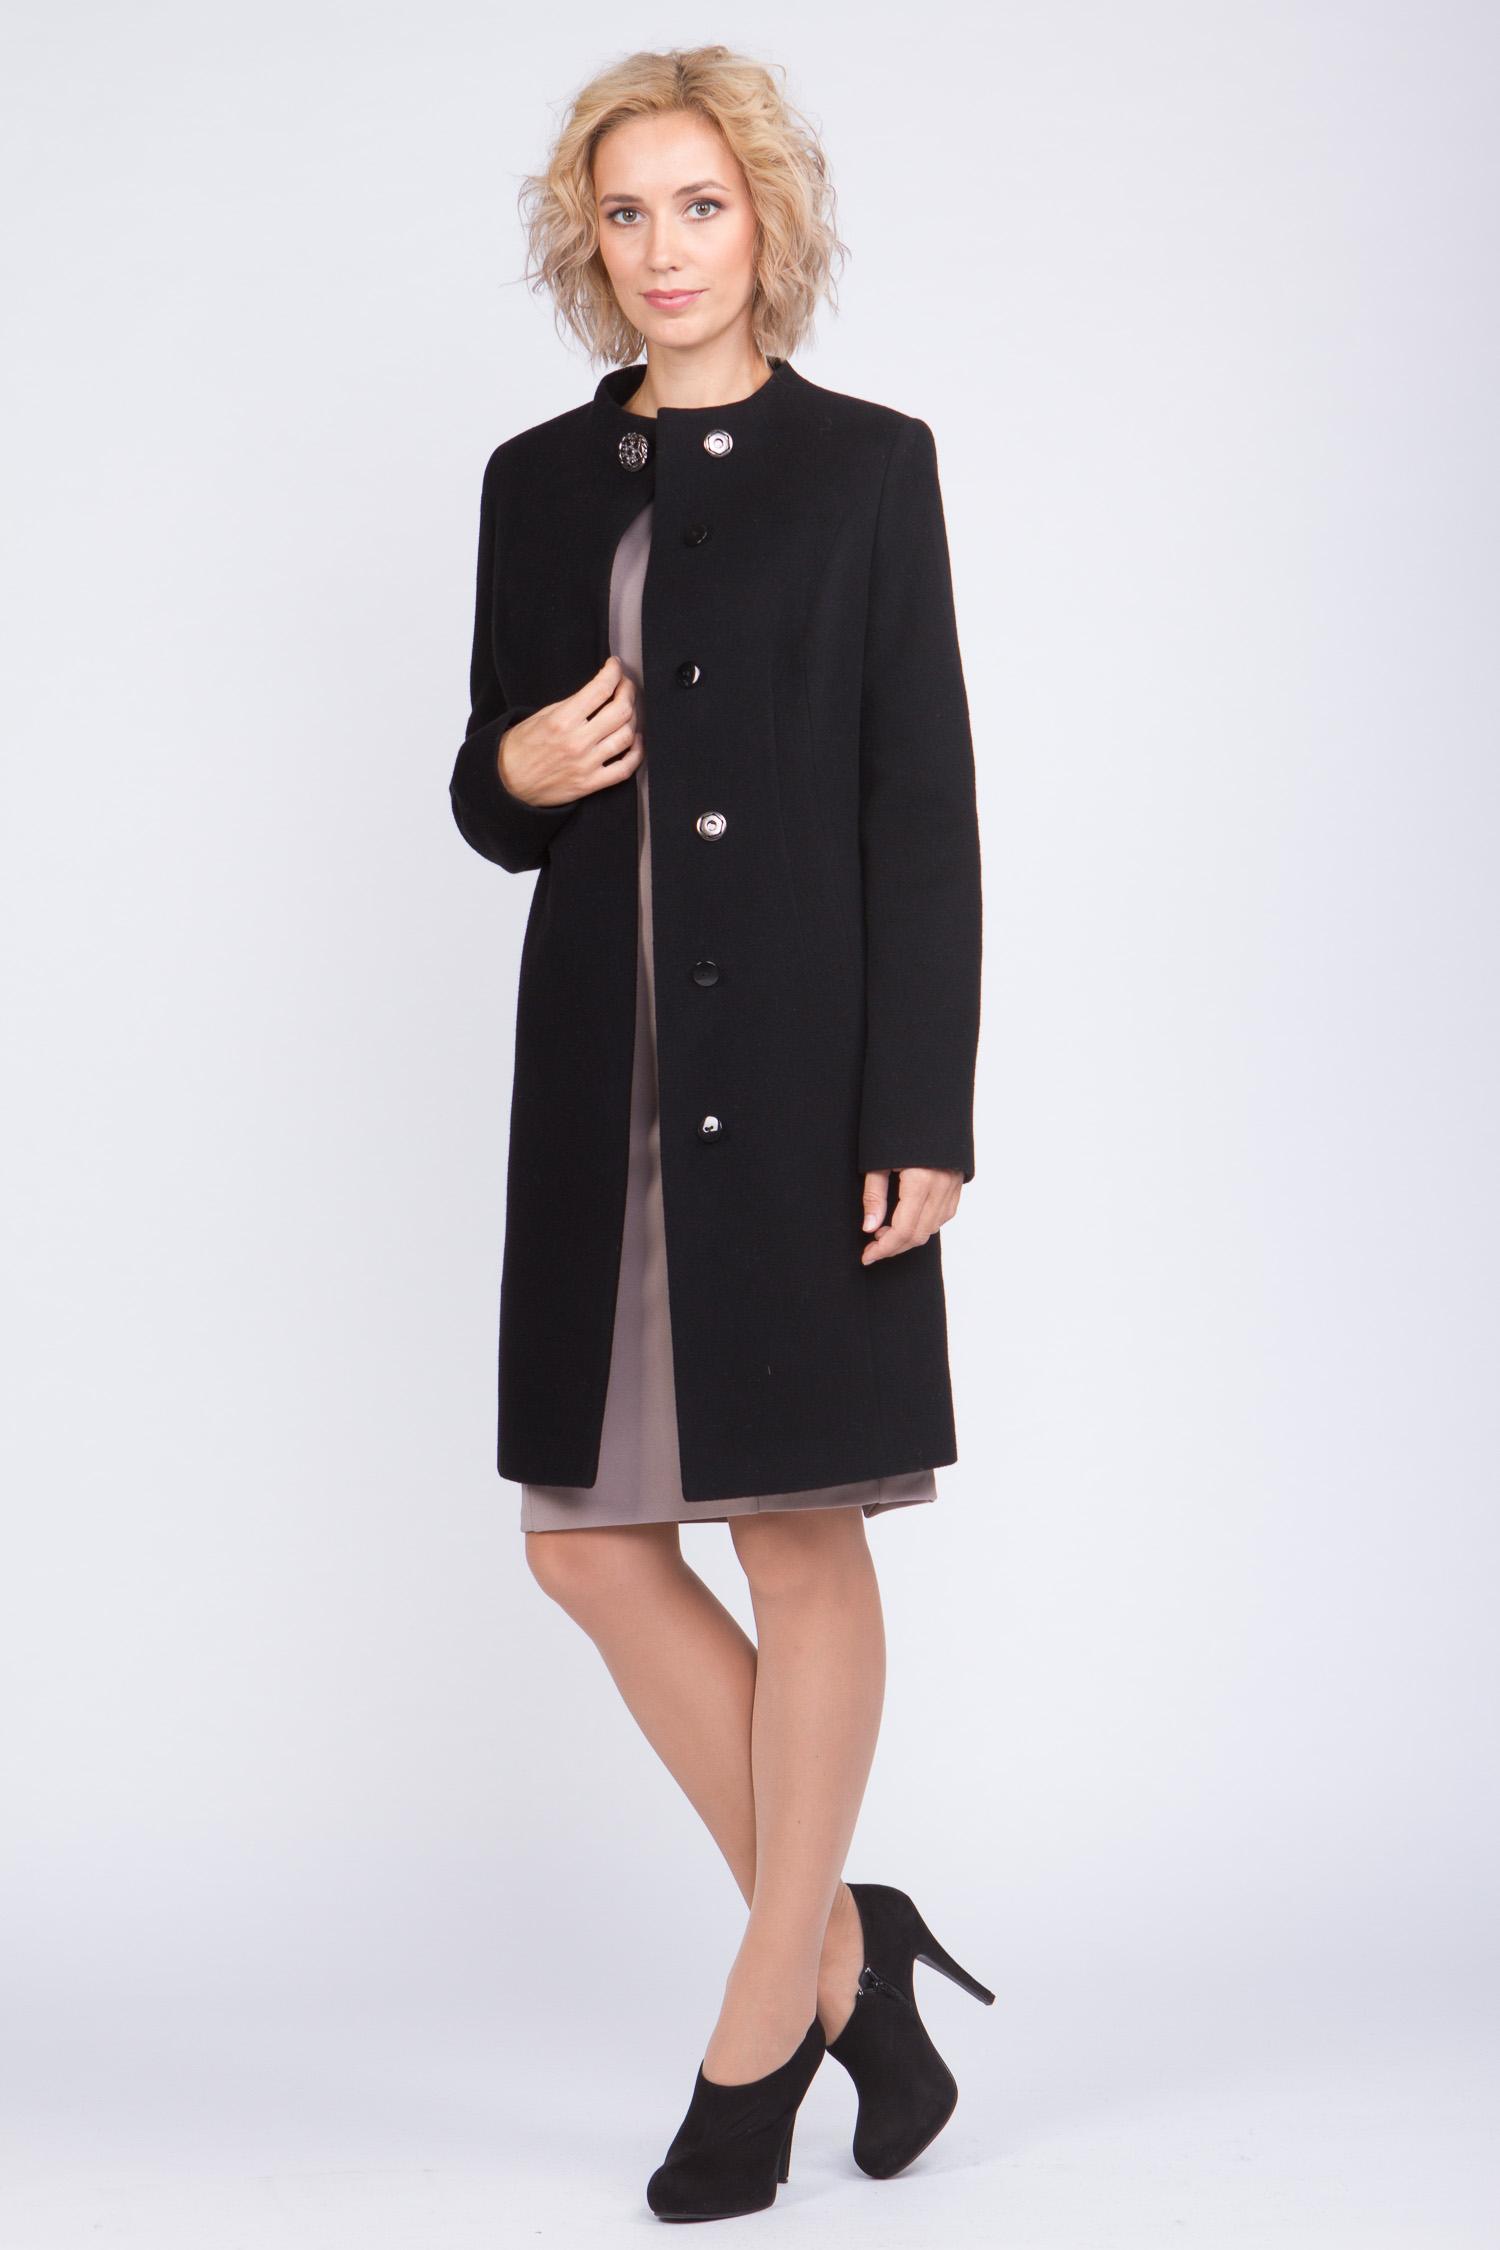 Женское пальто из текстиля без воротника, без отделки